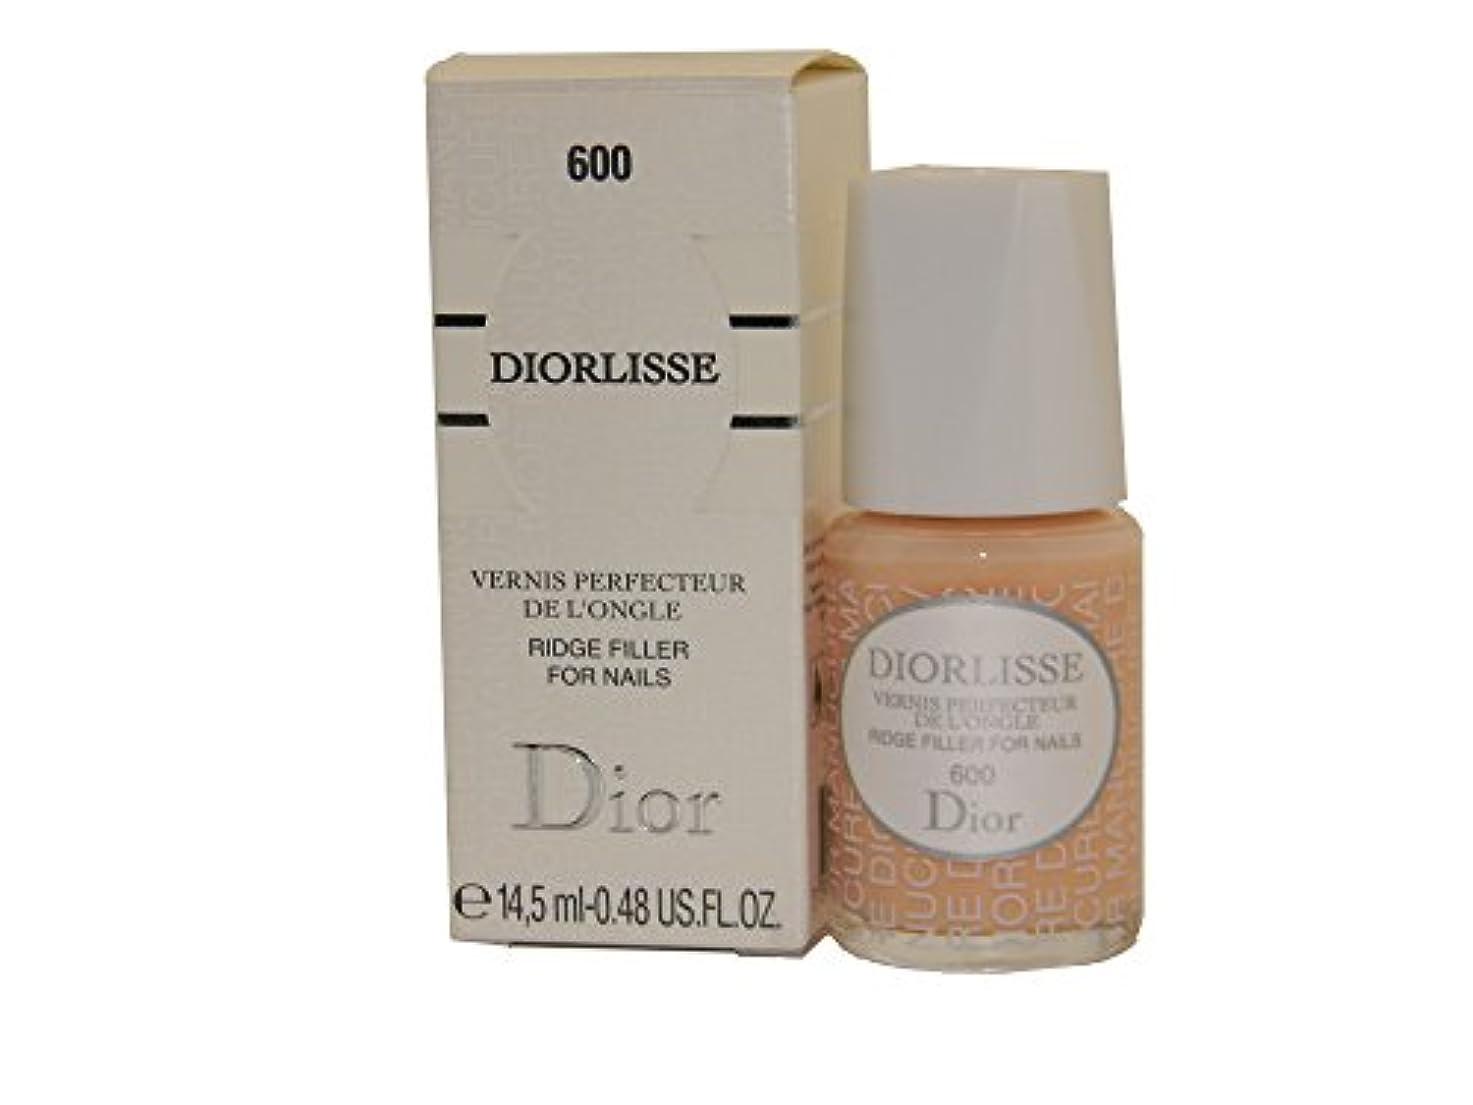 安西ねじれなめるDior Diorlisse Ridge Filler For Nail 600(ディオールリス リッジフィラー フォーネイル 600)[海外直送品] [並行輸入品]